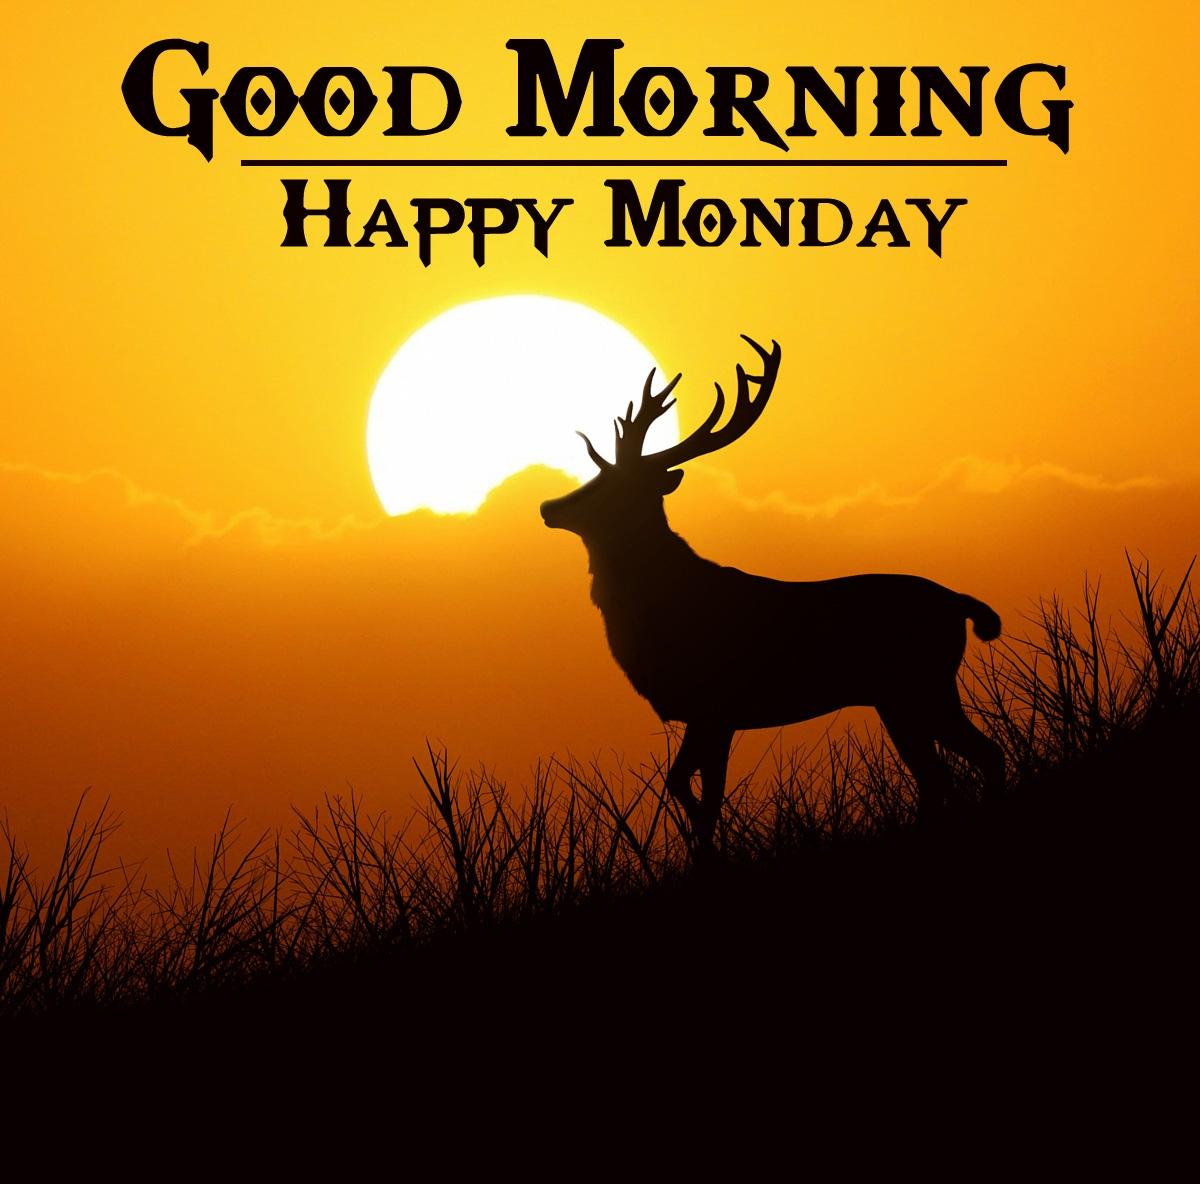 Free Monday Good Morning Wallpaper Download 1